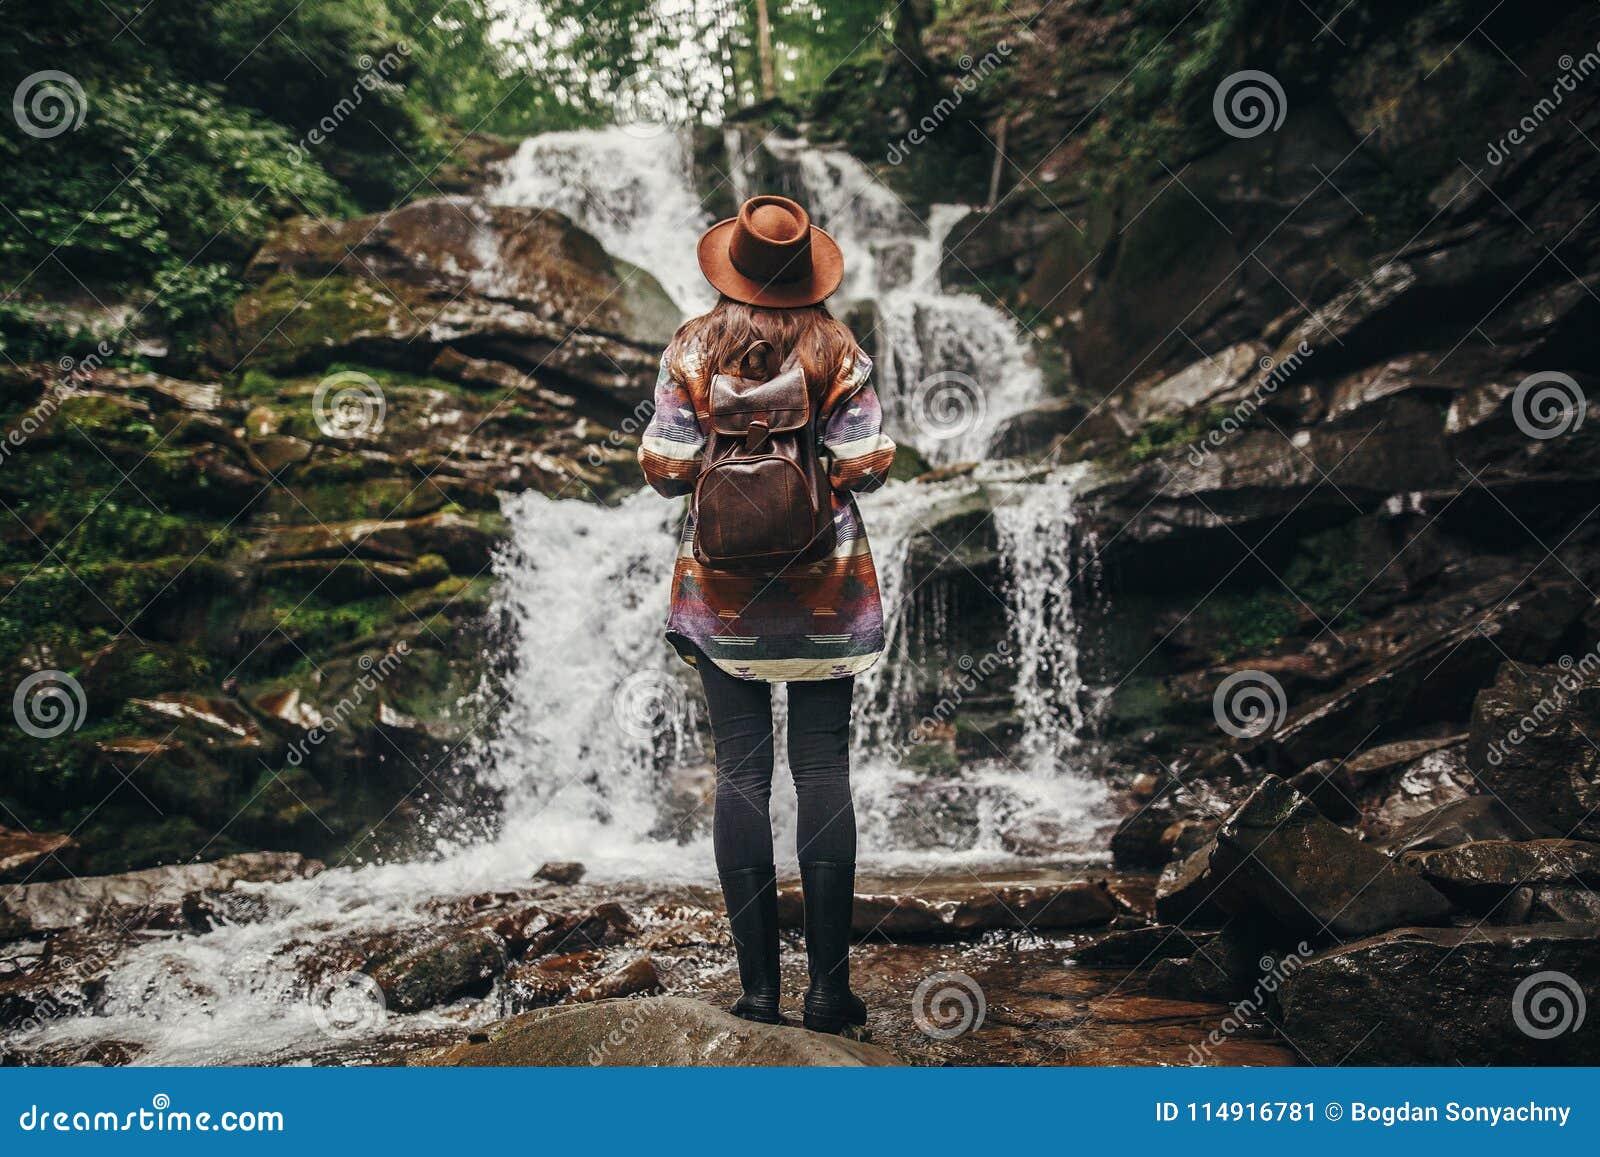 Podróży i podróżomanii pojęcie elegancka modniś dziewczyna w kapeluszu z